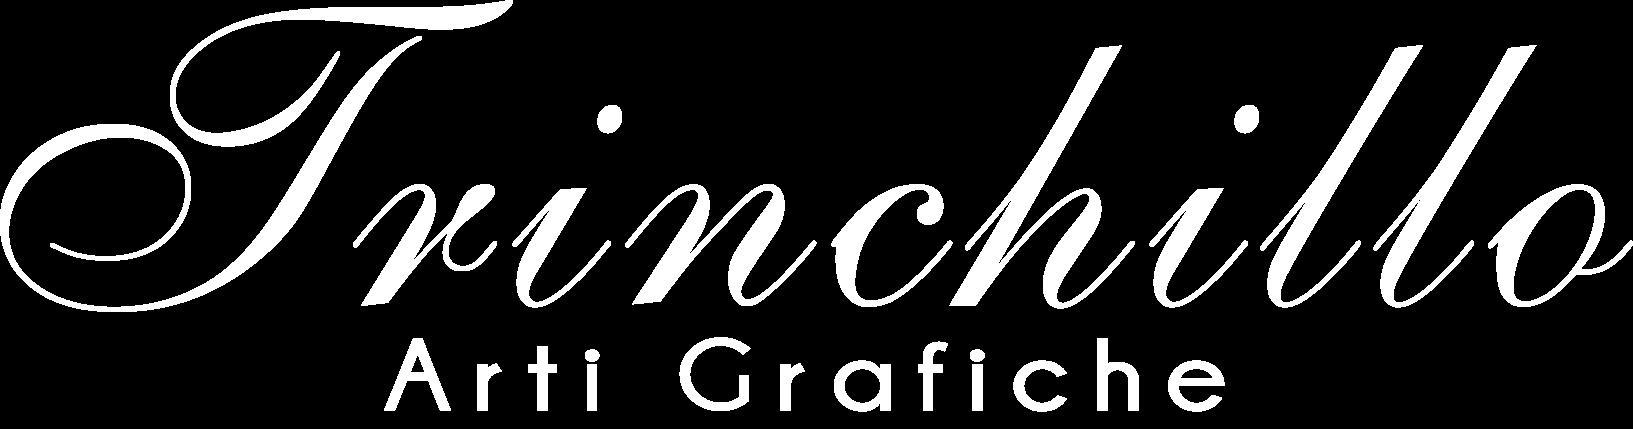 Arti Grafiche Trinchillo